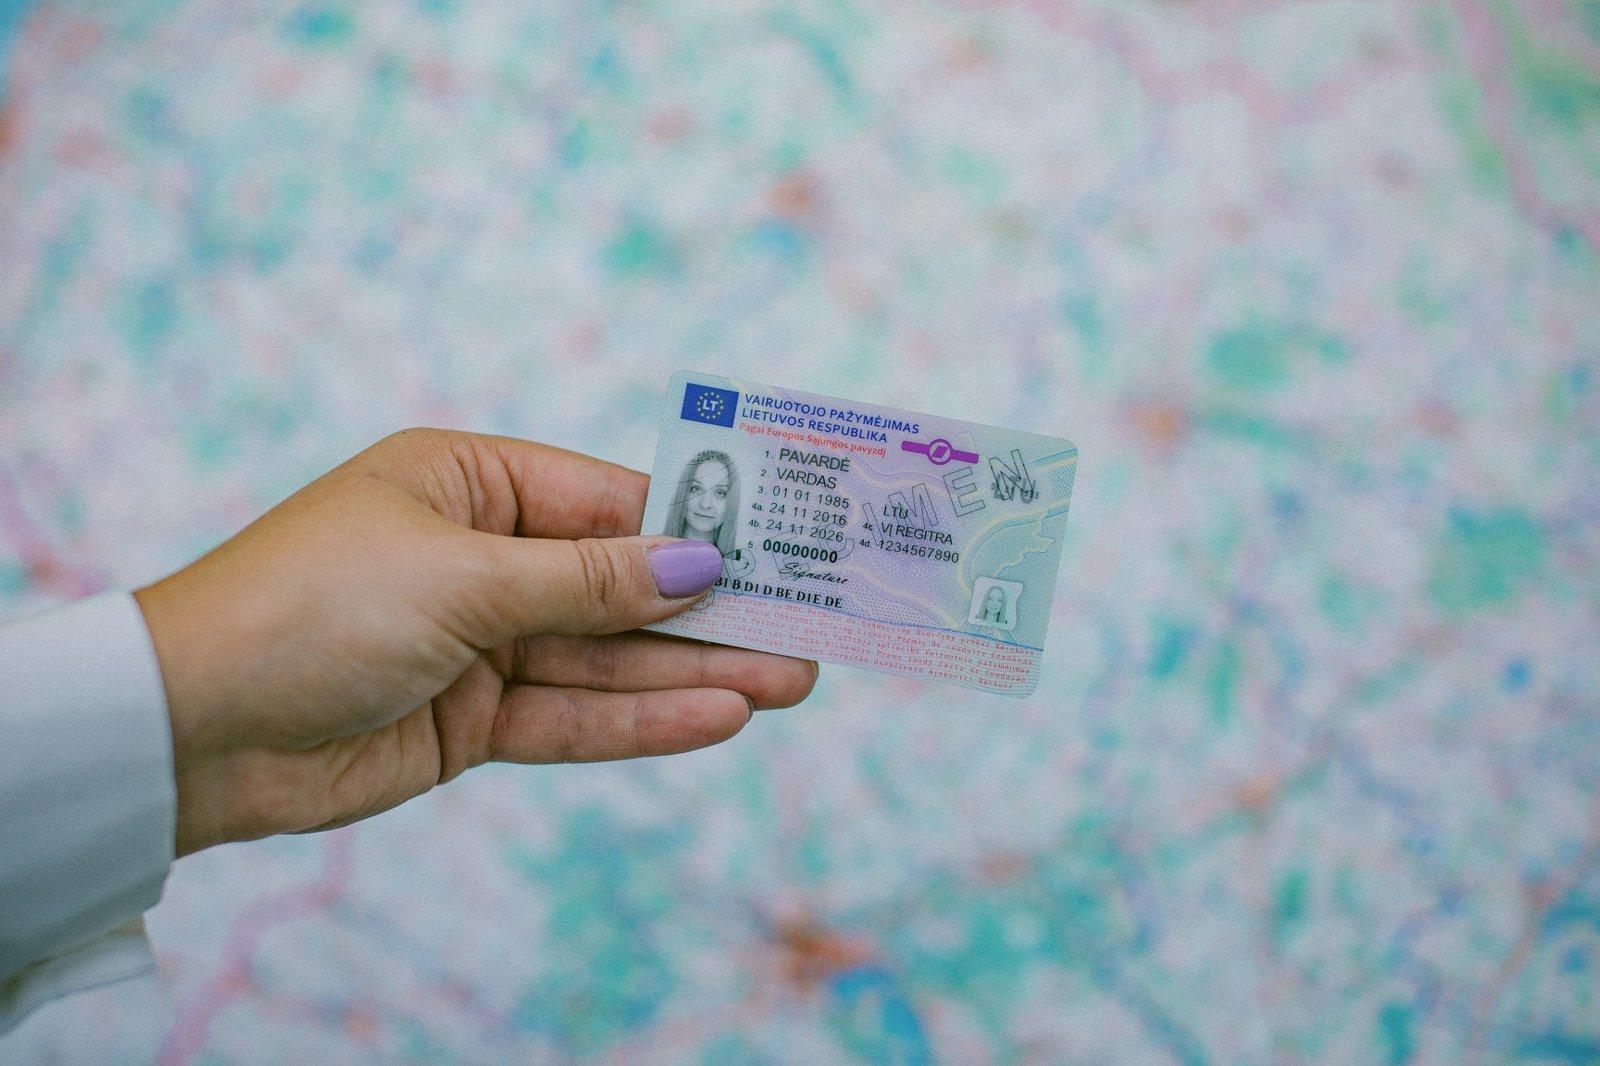 Komitetas ragina greičiau spręsti dėl vairuotojo teisių pripažinimo tapatybei patvirtinti